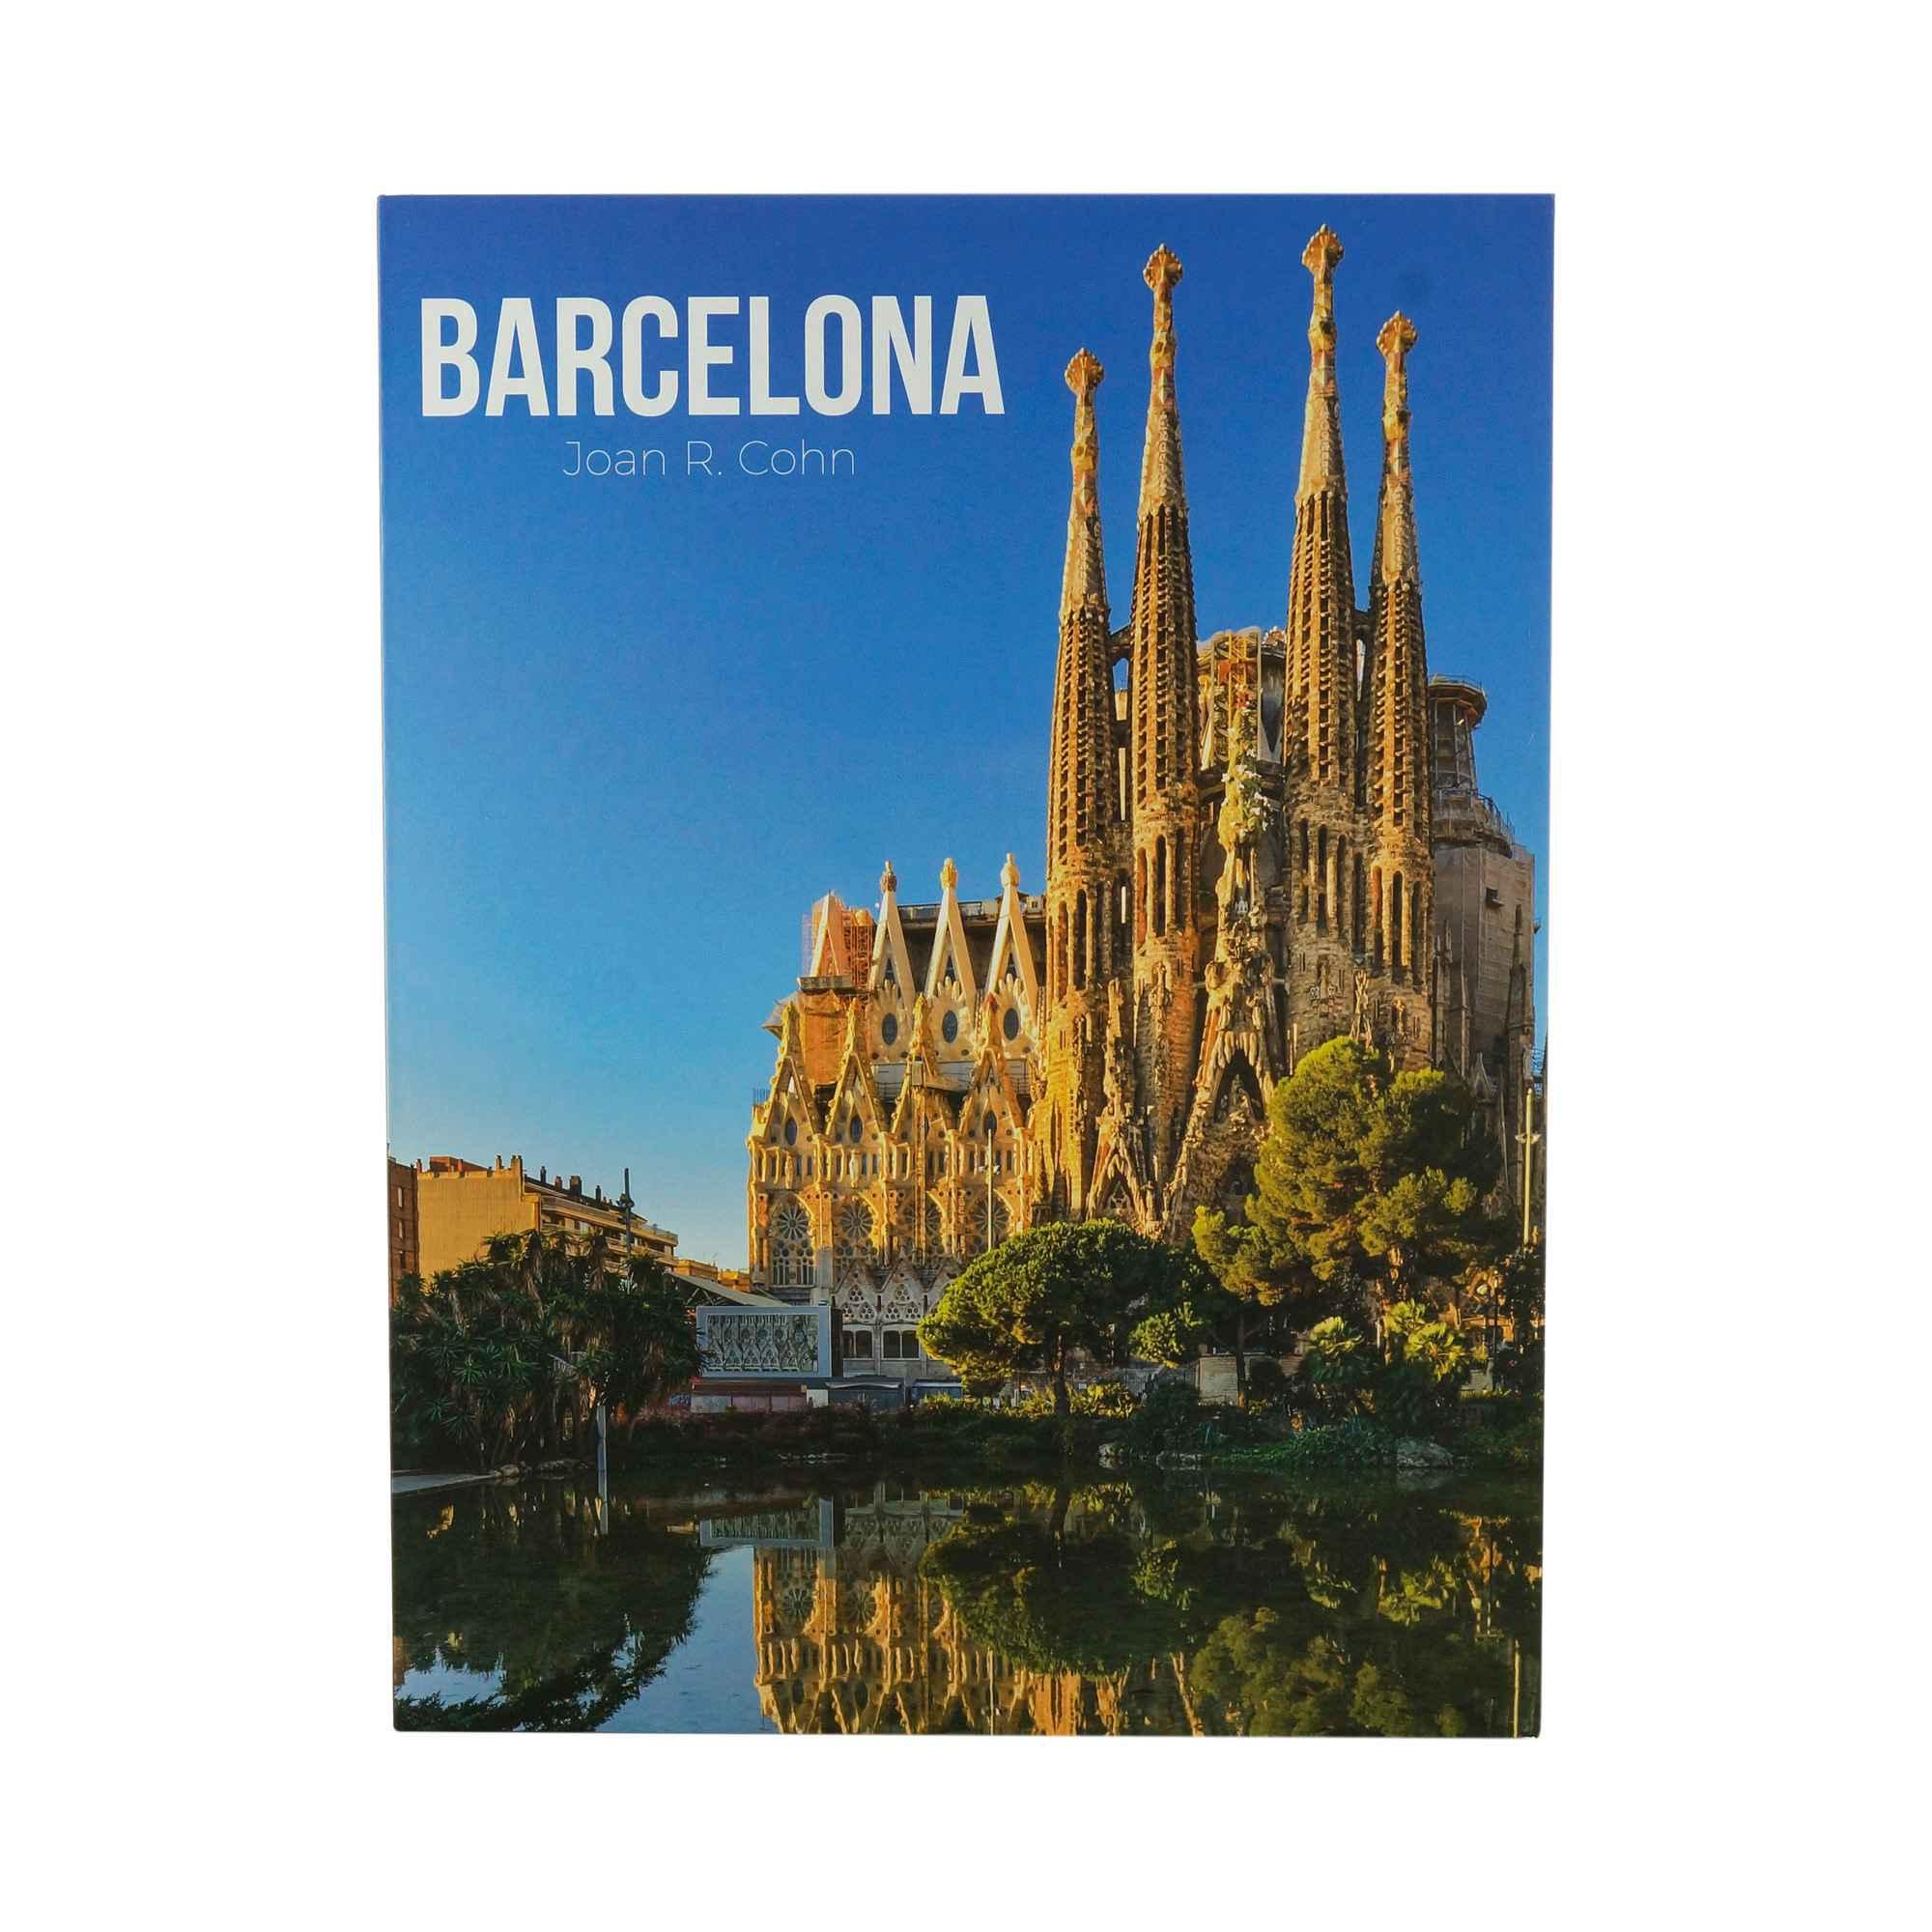 Caixa Livro Barcelona 36x27x5cm